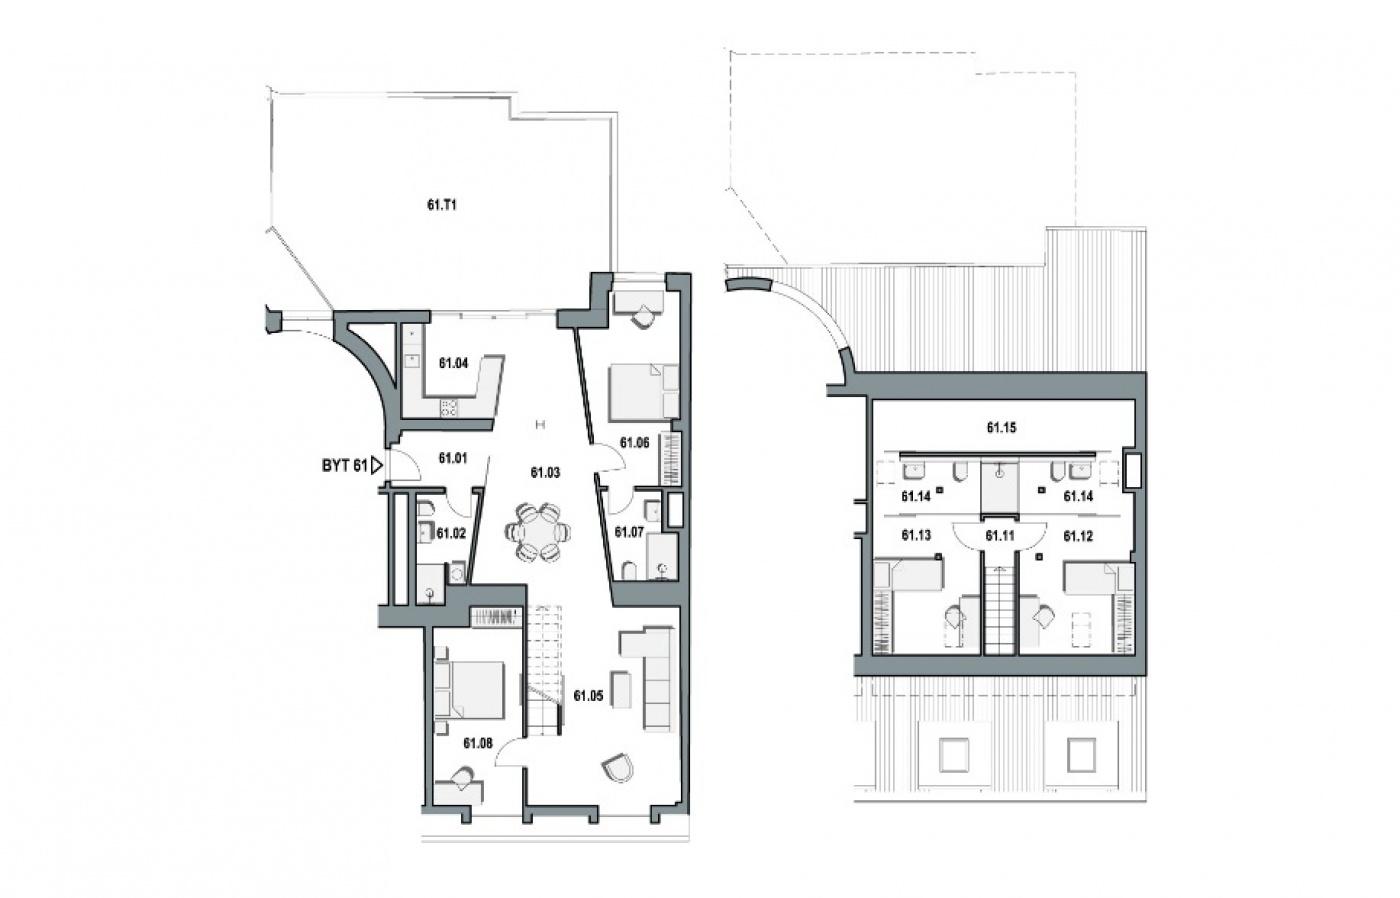 Půdorys - Půdní byt 5+kk, plocha 225 m², ulice Wuchterlova, Praha 6 - Dejvice